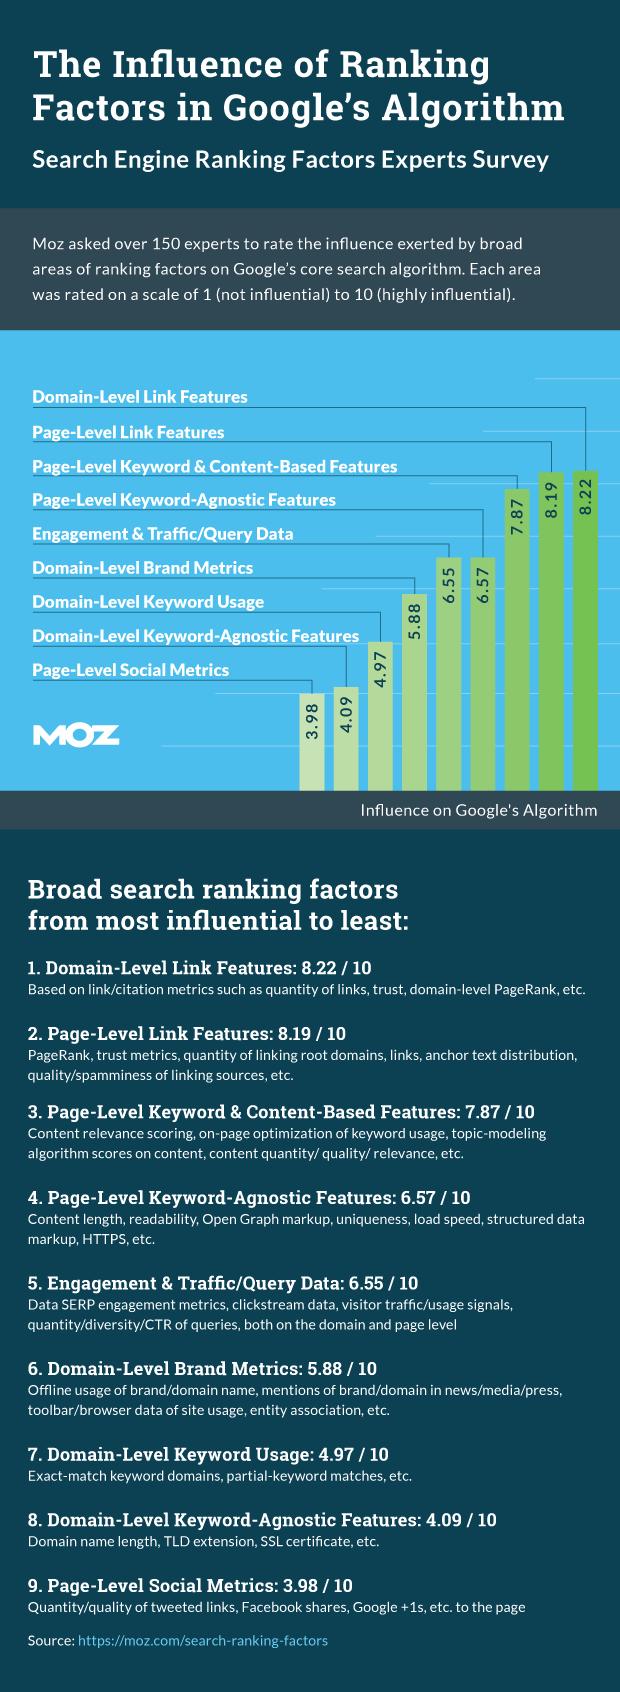 rankingfactors-infographic